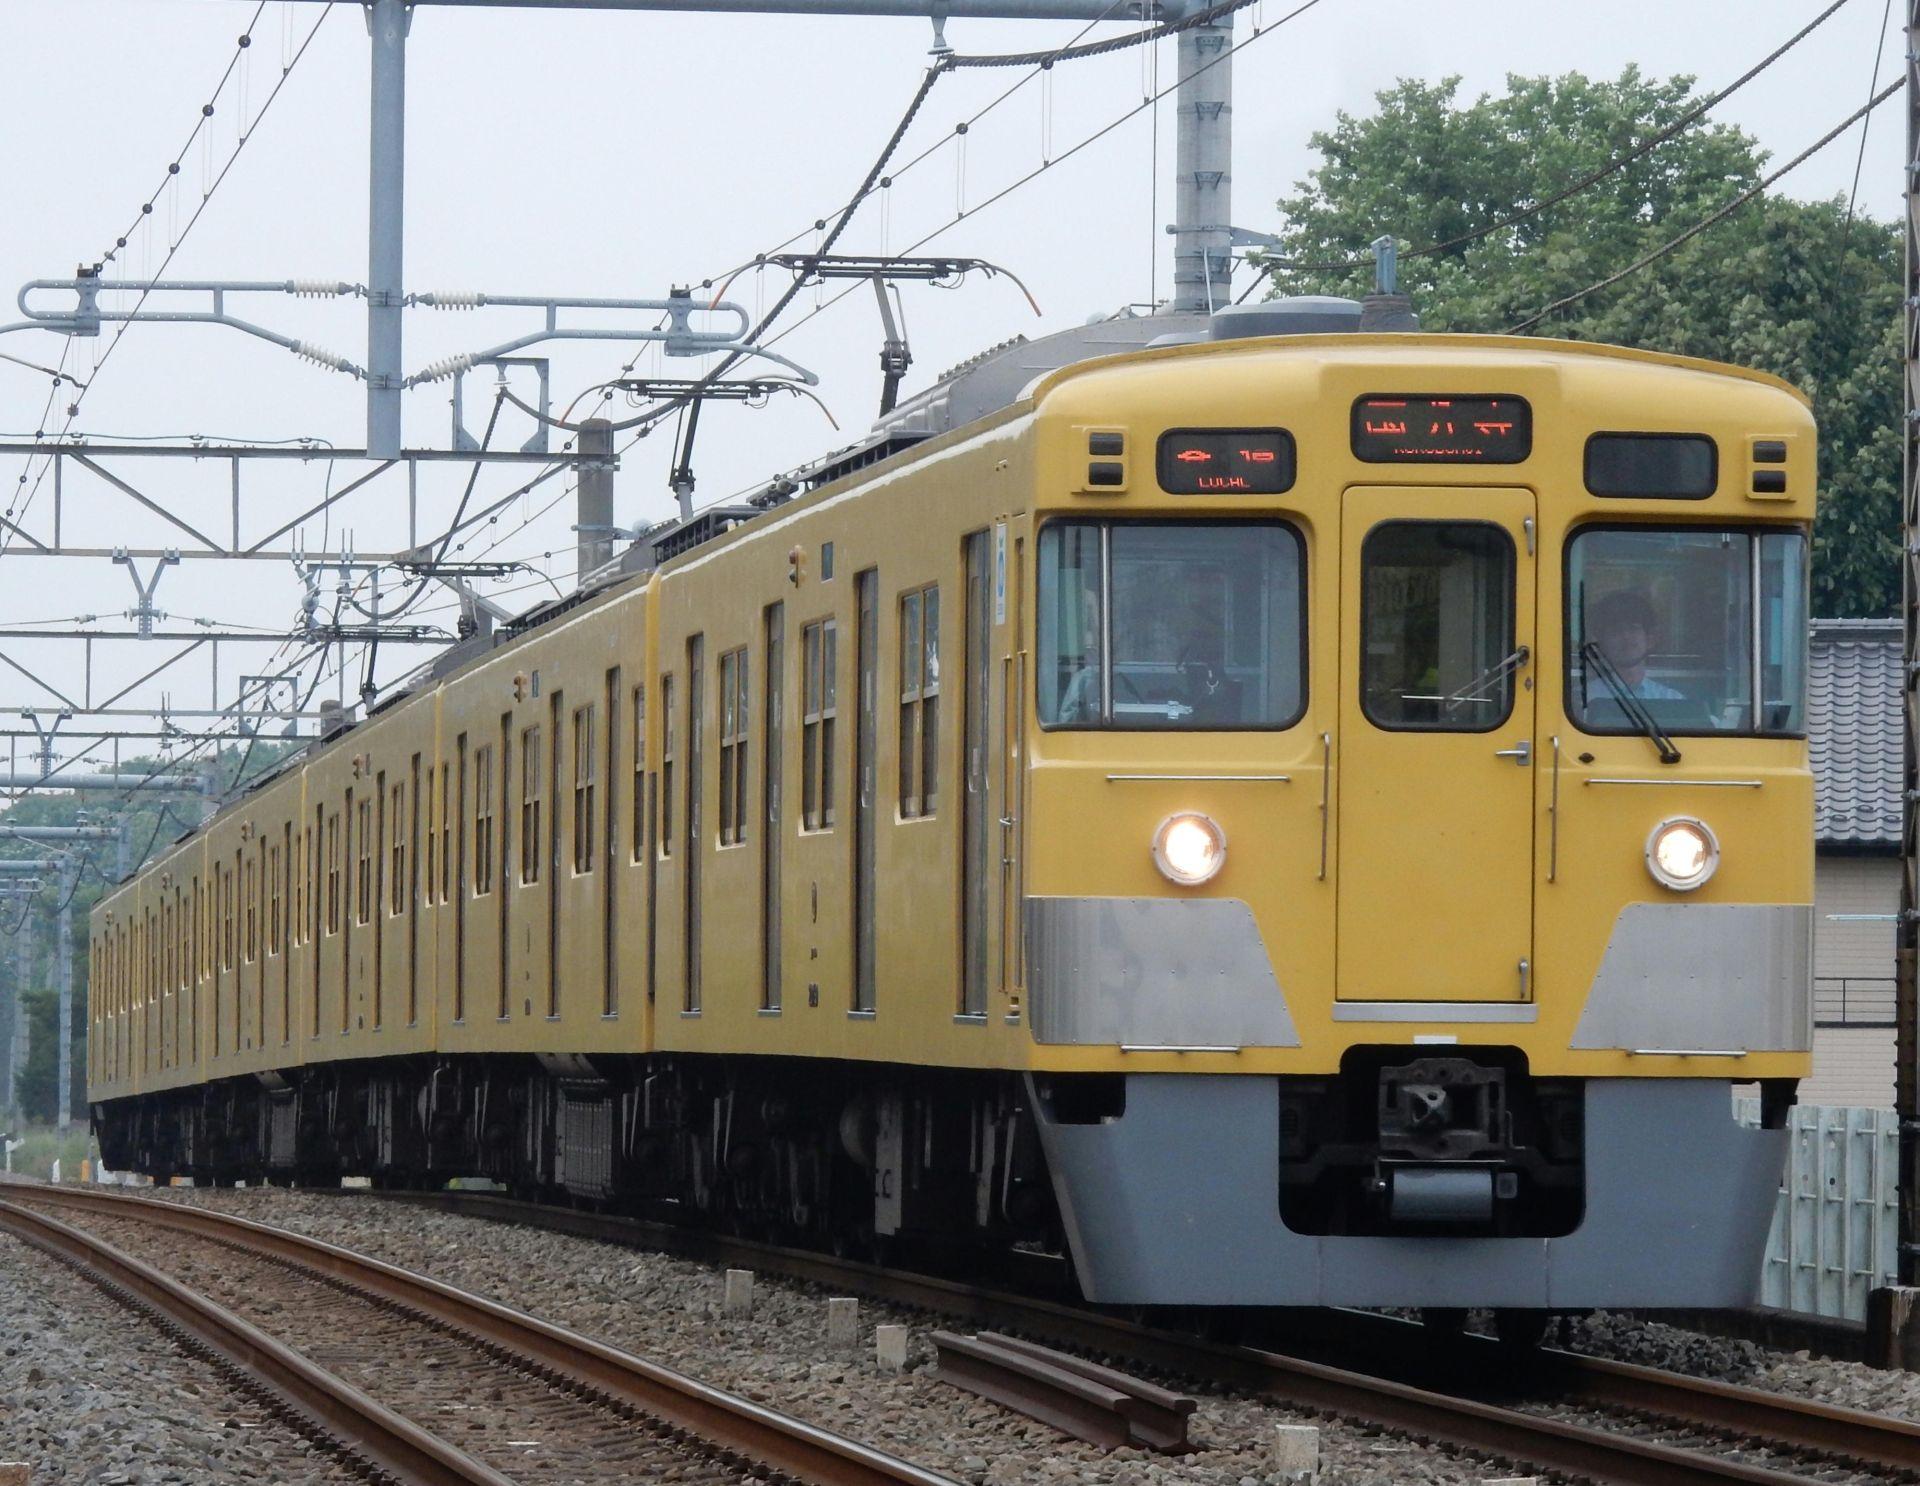 DSCN9965 - コピー